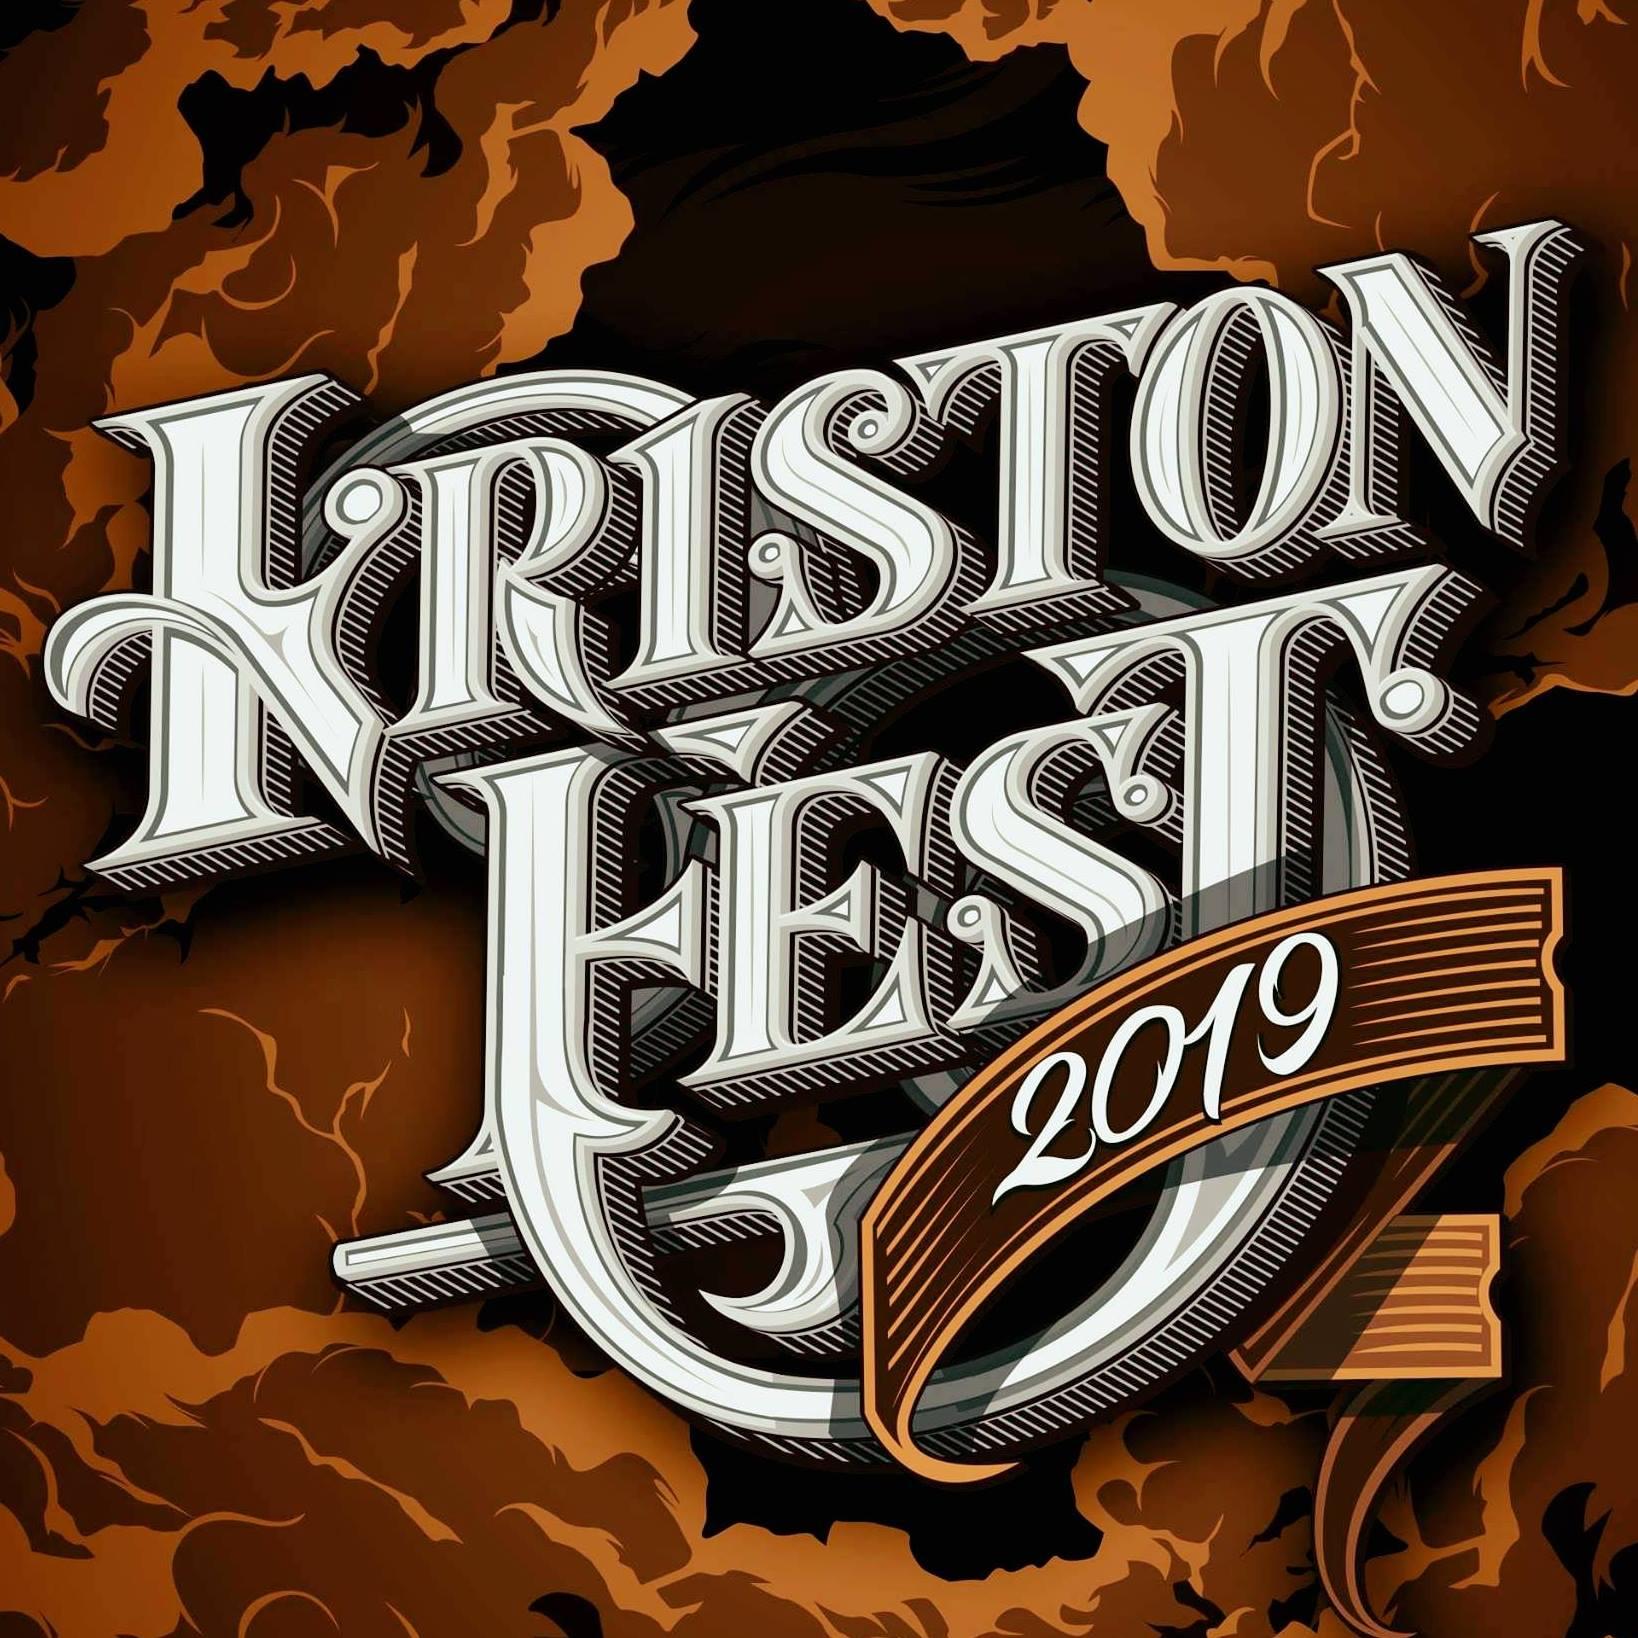 kristonfest 2019 logo